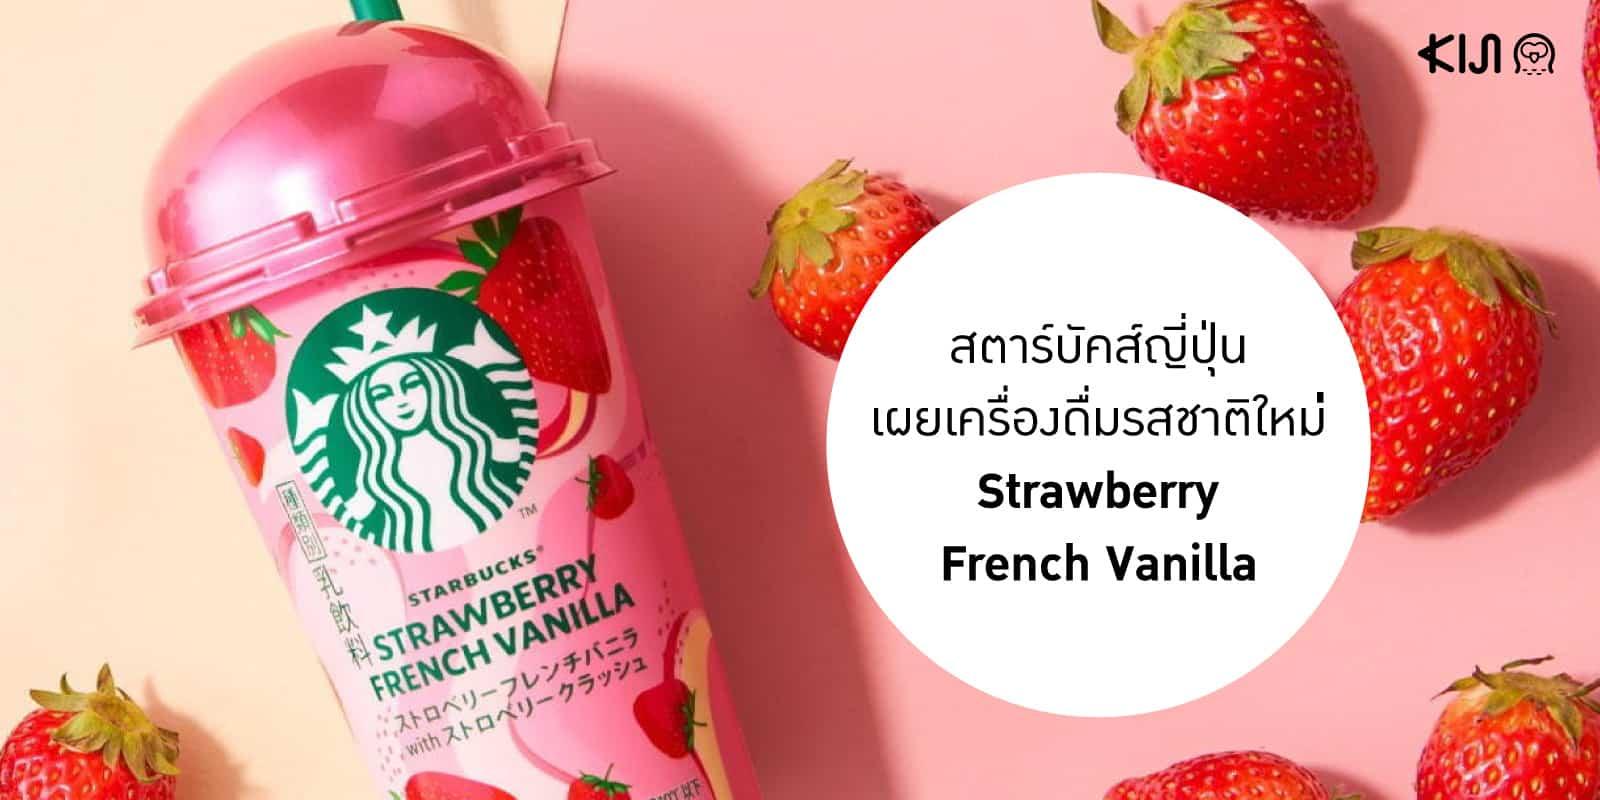 Starbuck Strawberry French Vanilla with Strawberry Crush